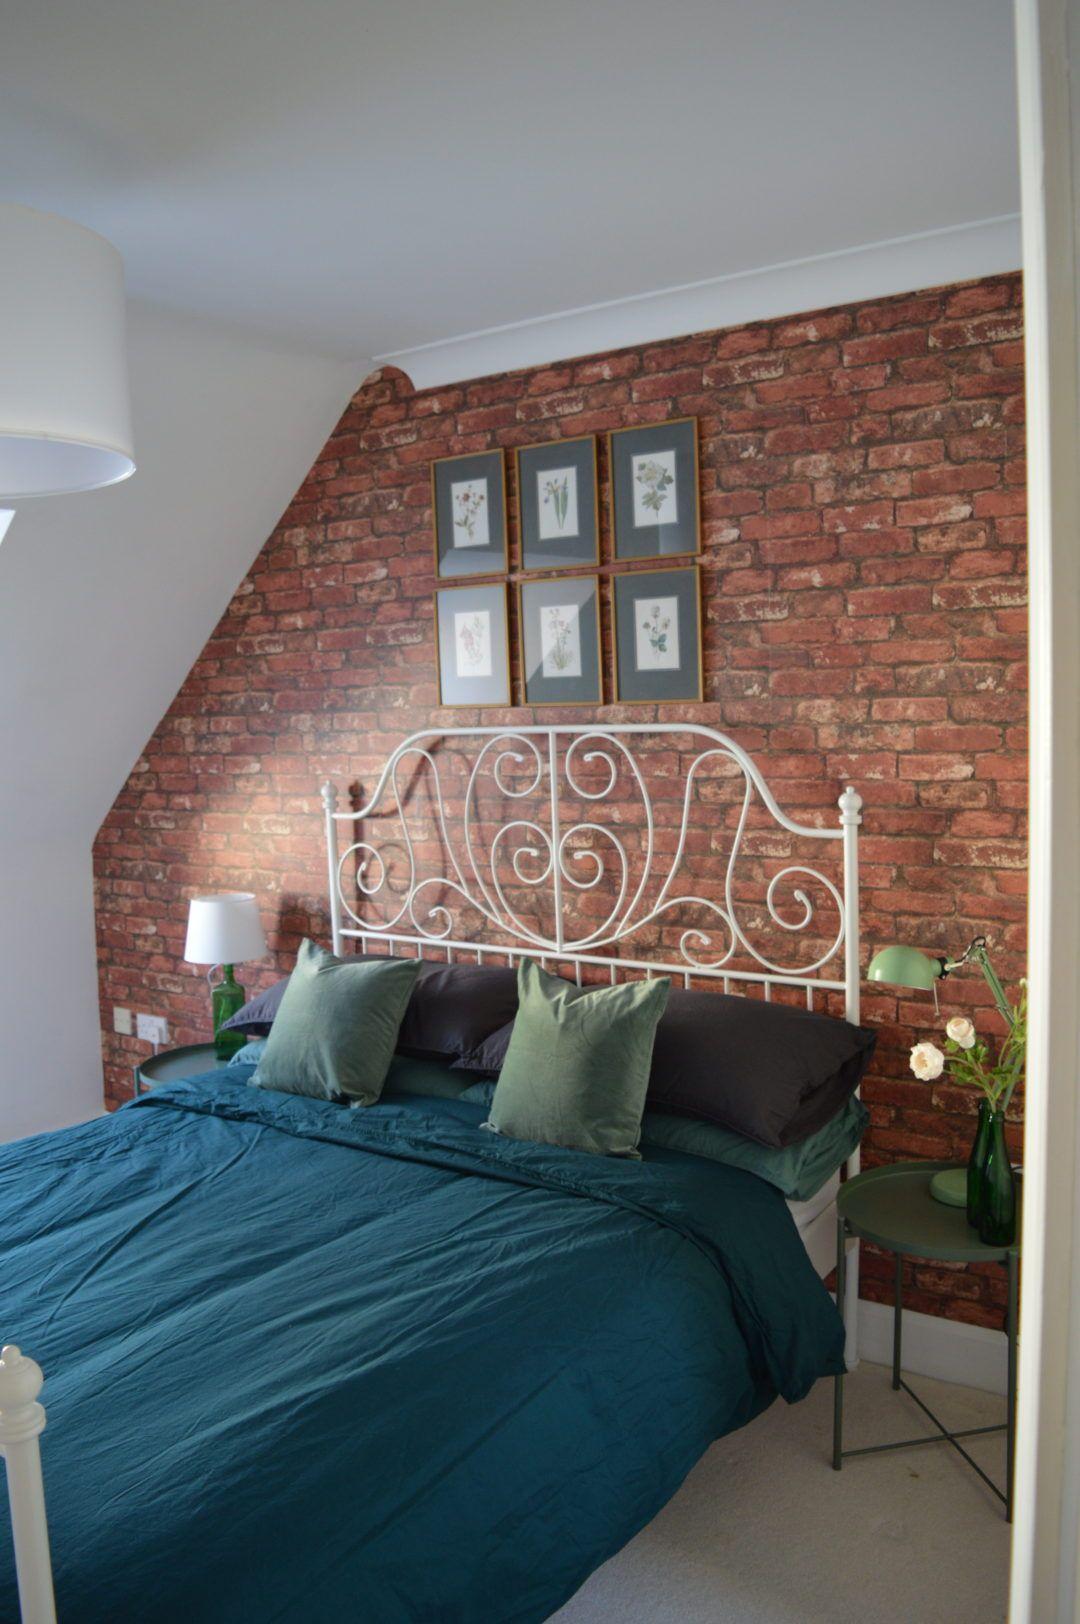 Ikea bedroom wallpaper